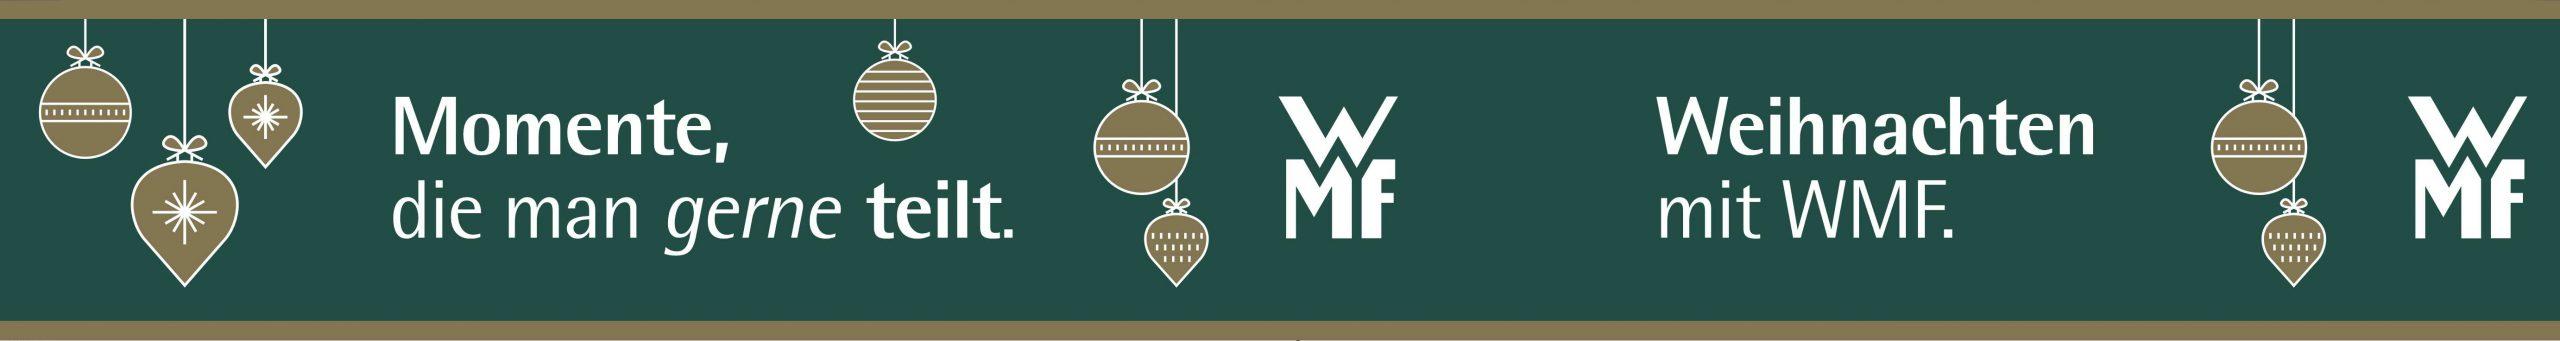 WMF 2017